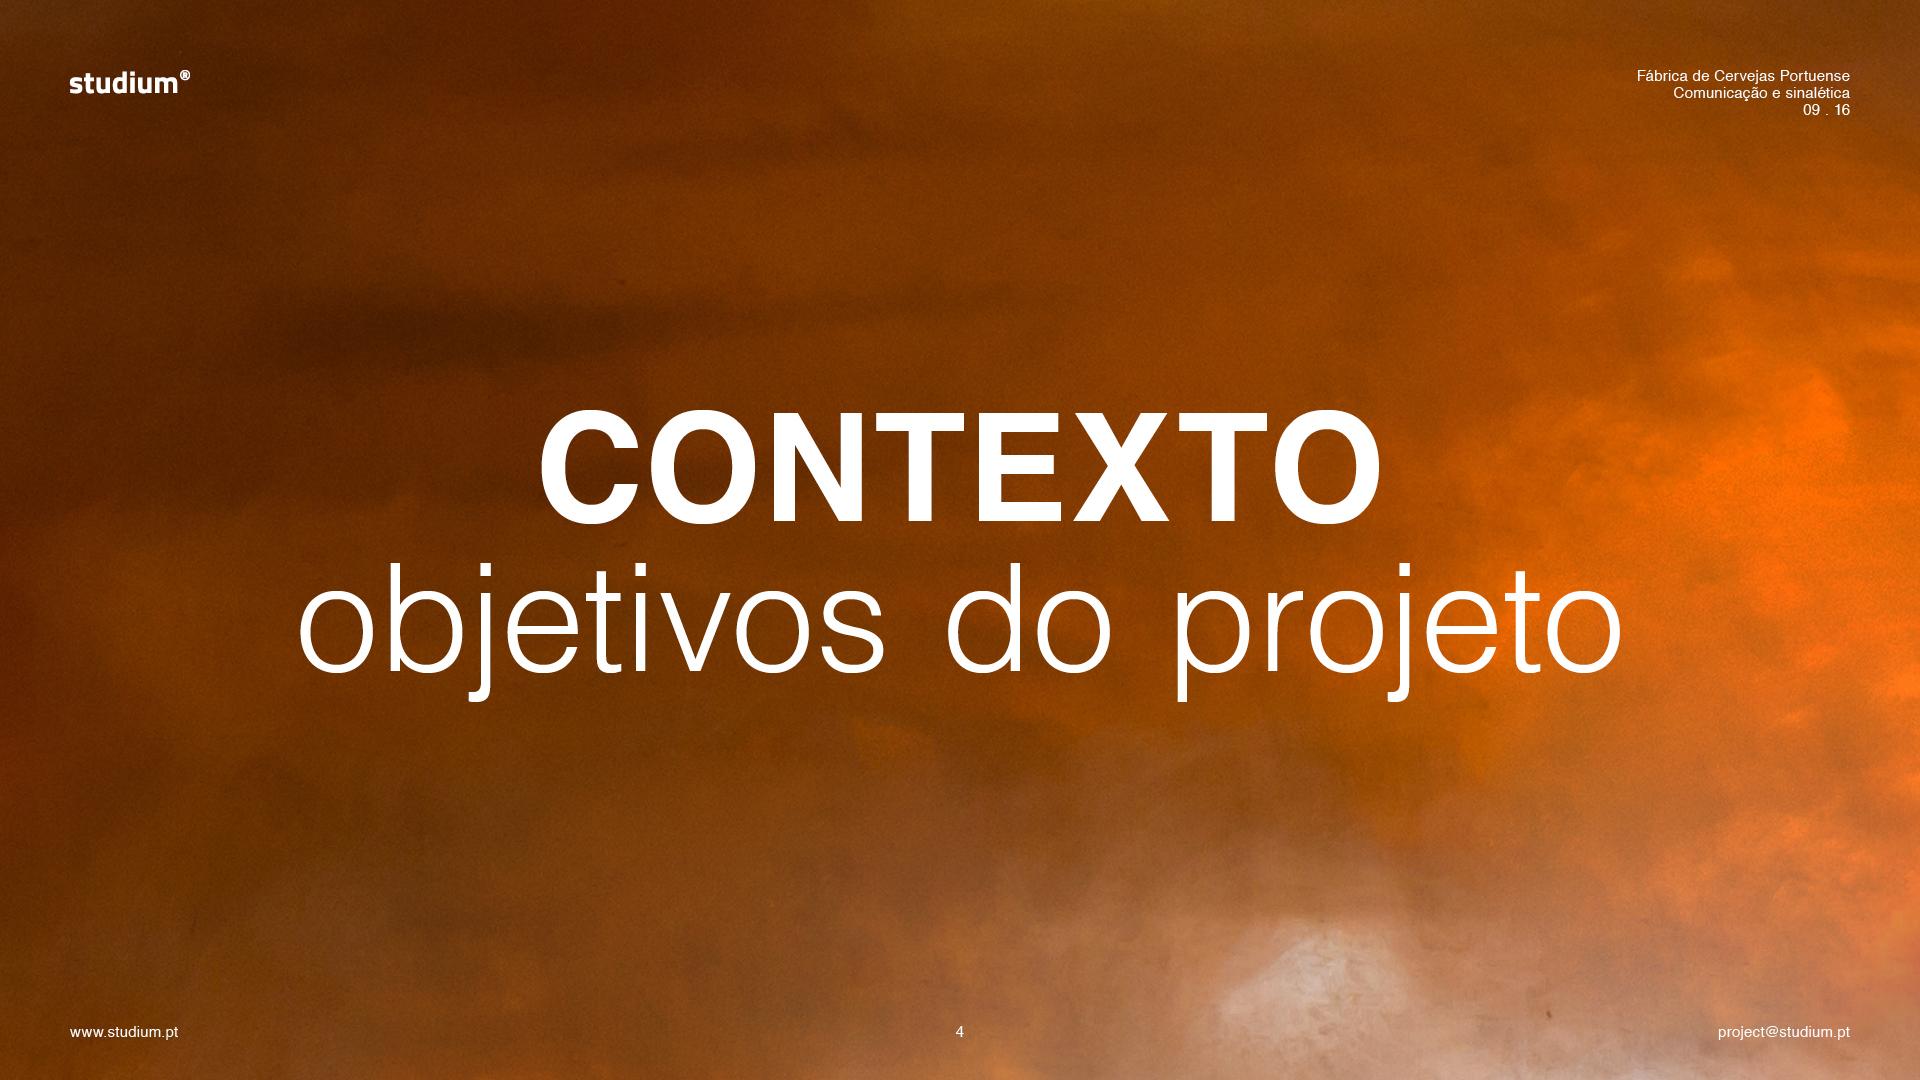 DSN20160033-FCPortuense-Sinaletica-Presentation-T04